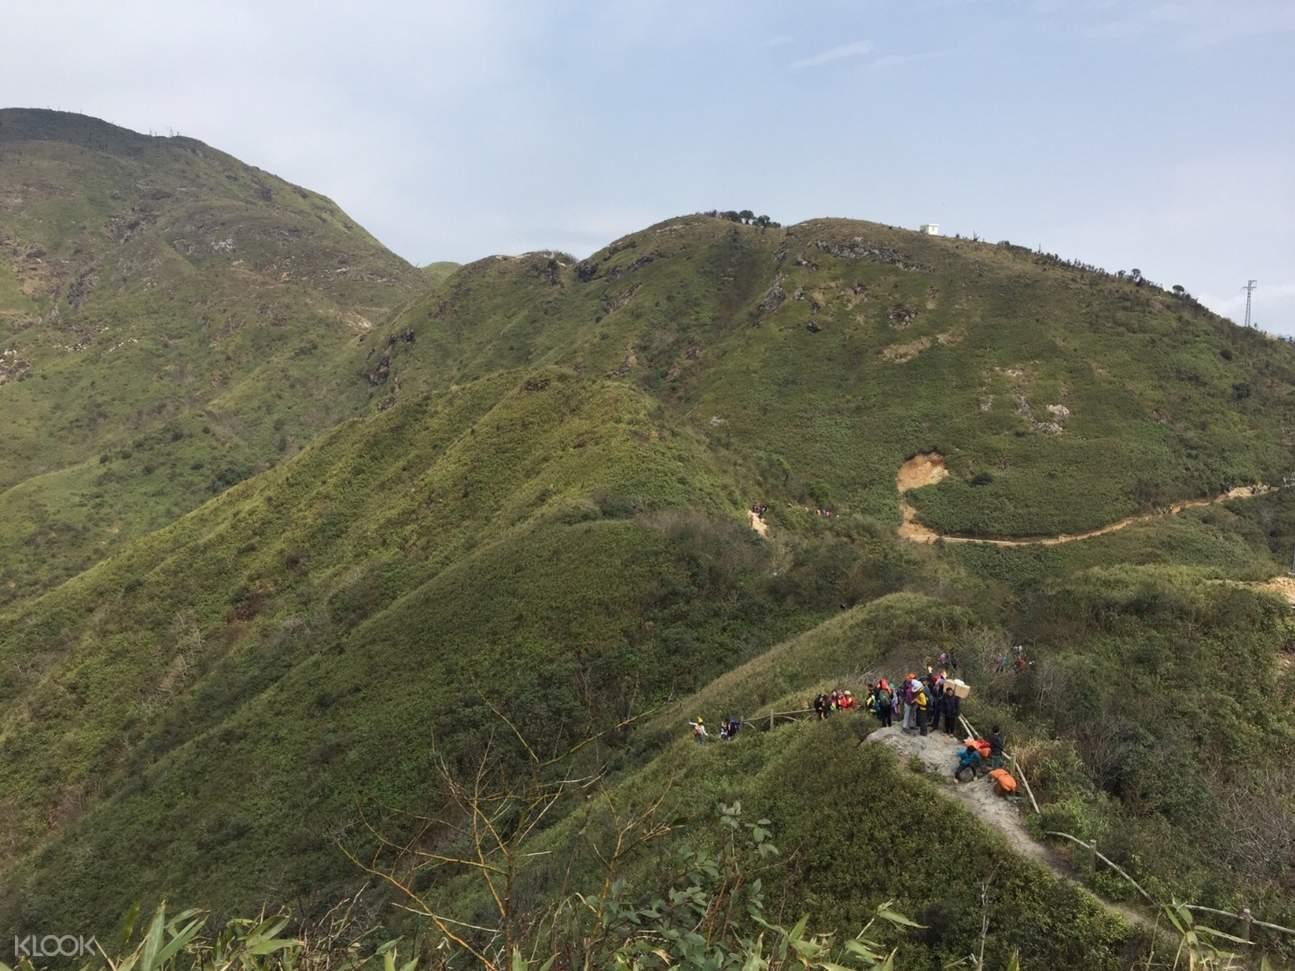 Fansipan Mountain Trek and Camping